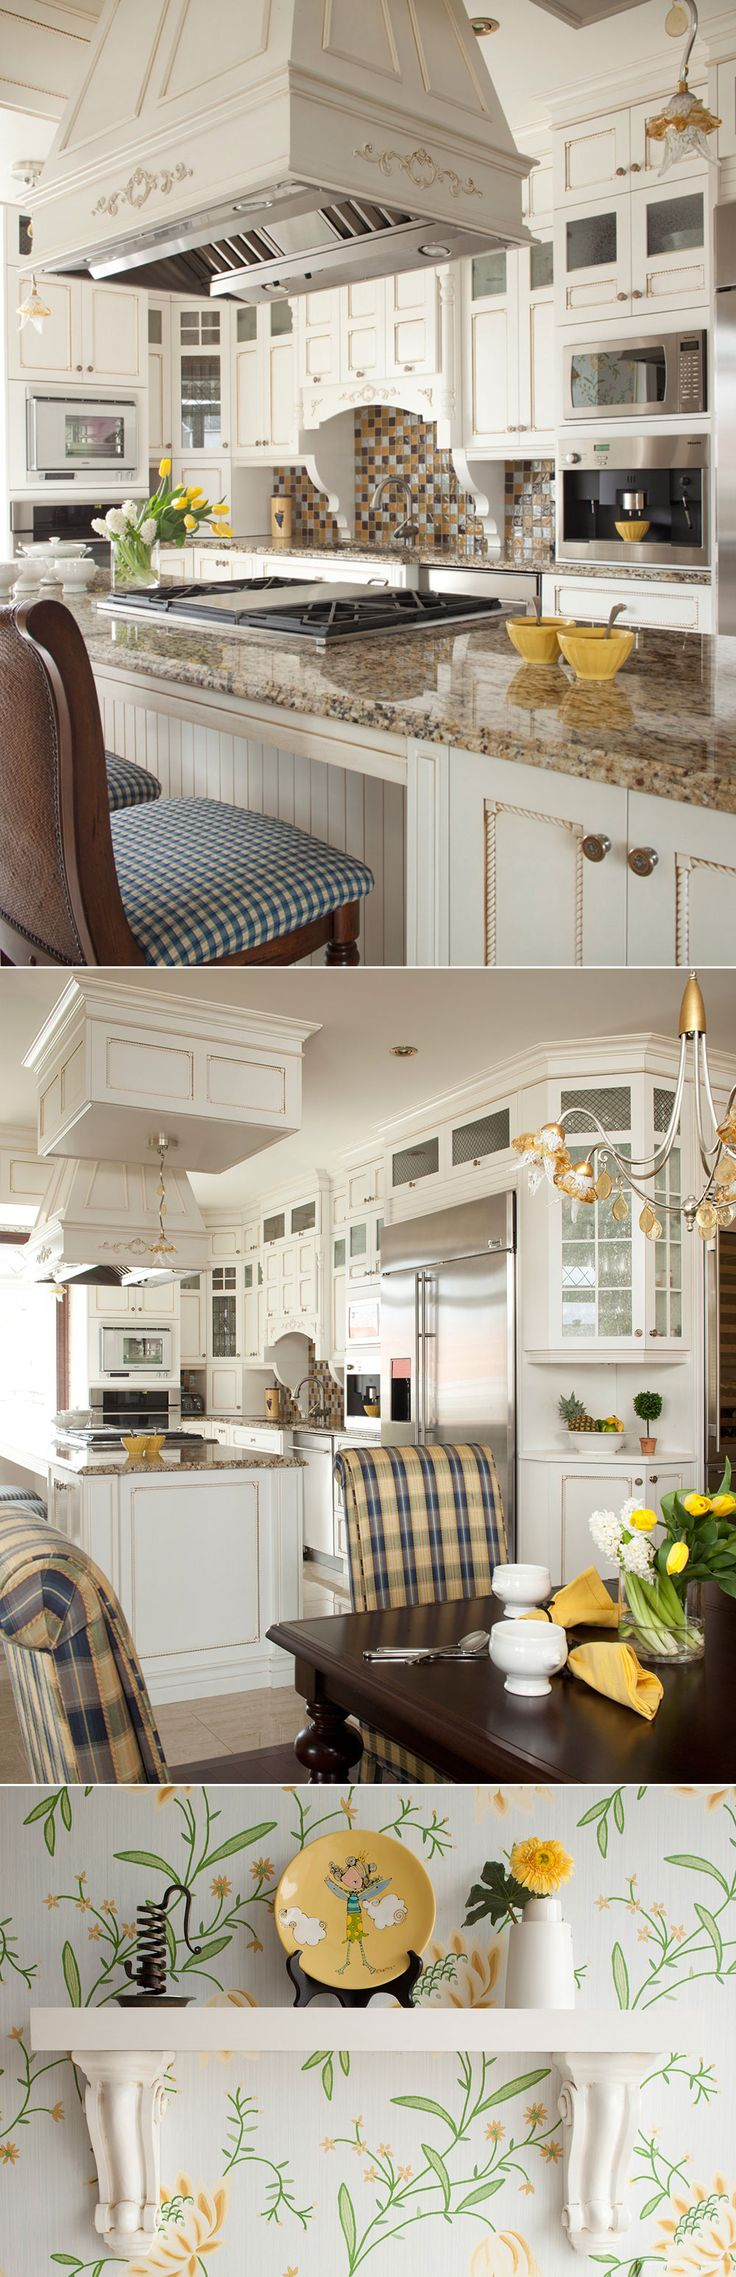 Les éléments de cette cuisine et ses portes d'armoires, tels les panneaux d'armoires de style shaker aux moulures torsadées, font d'elle une cuisine classique, mais une qui intègre un glacis appliqué sur la laque. Le résultat : un petit côté très chaleureux.   L'élégance et le raffinement se retrouvent dans plusieurs de ses détails – comme le carrelage dans les portes d'armoires de cuisine vitrées, lequel alterne avec le grillage, et qui apporte légèreté a la pièce.